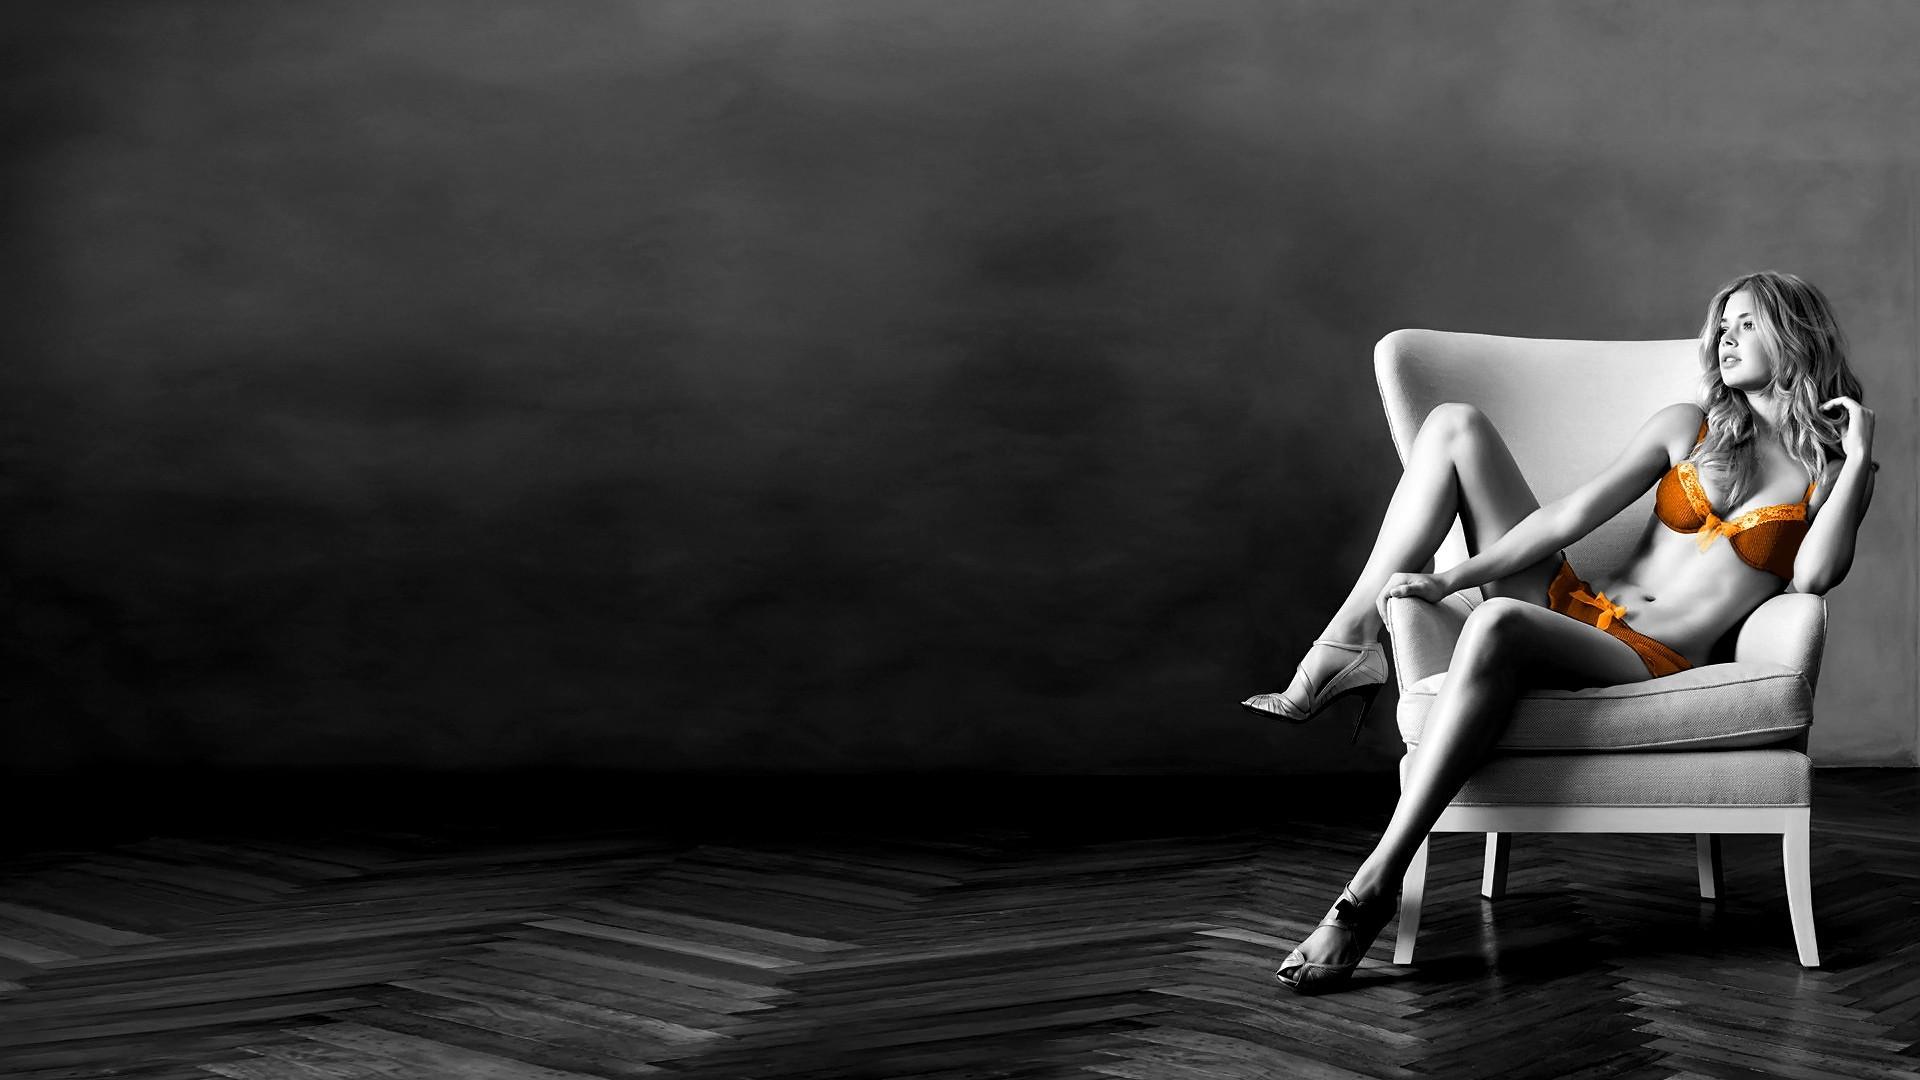 デスクトップ壁紙 女性 モデル 座っている 選択着色 光 闇